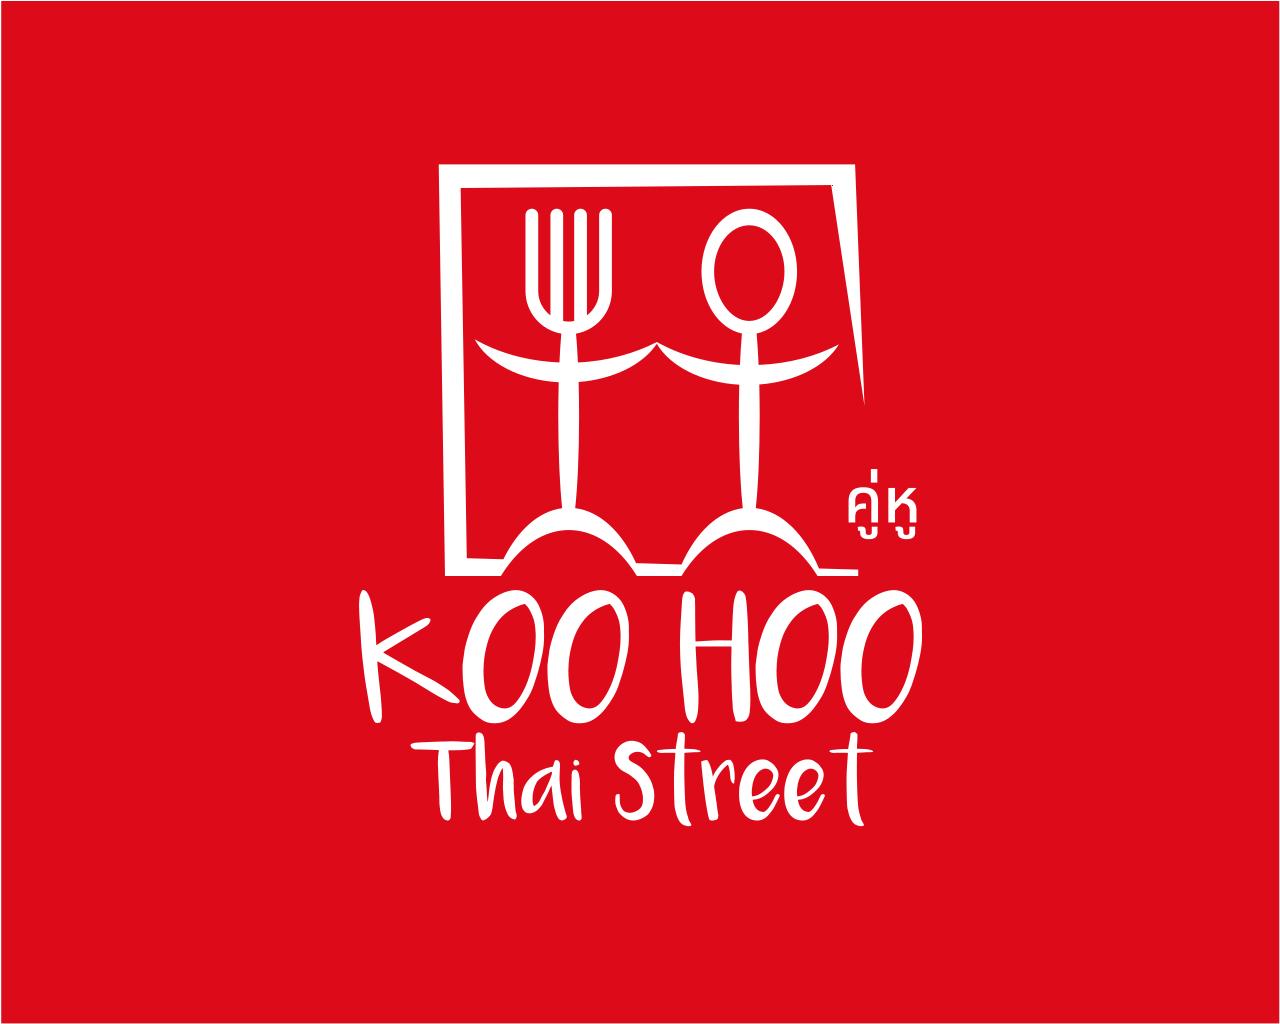 Koo Hoo Thai Street